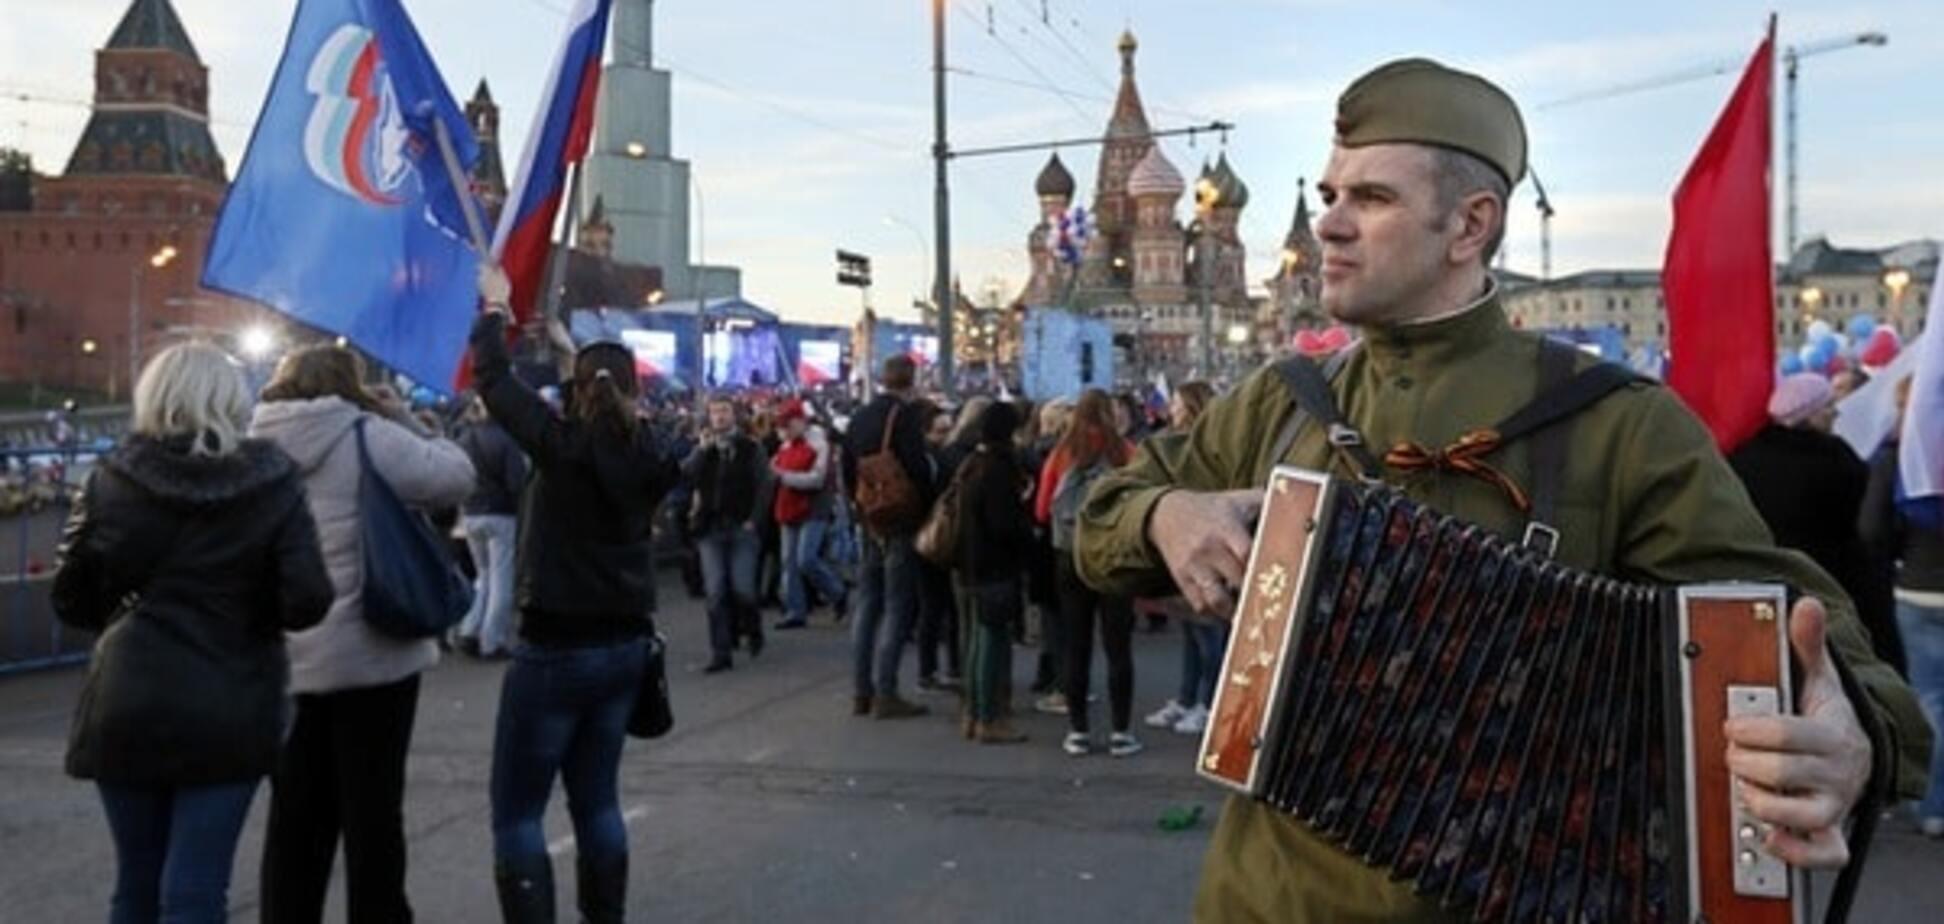 'Искандеры сдулись': Сотник поведал, как Россия вступает в эпоху смуты